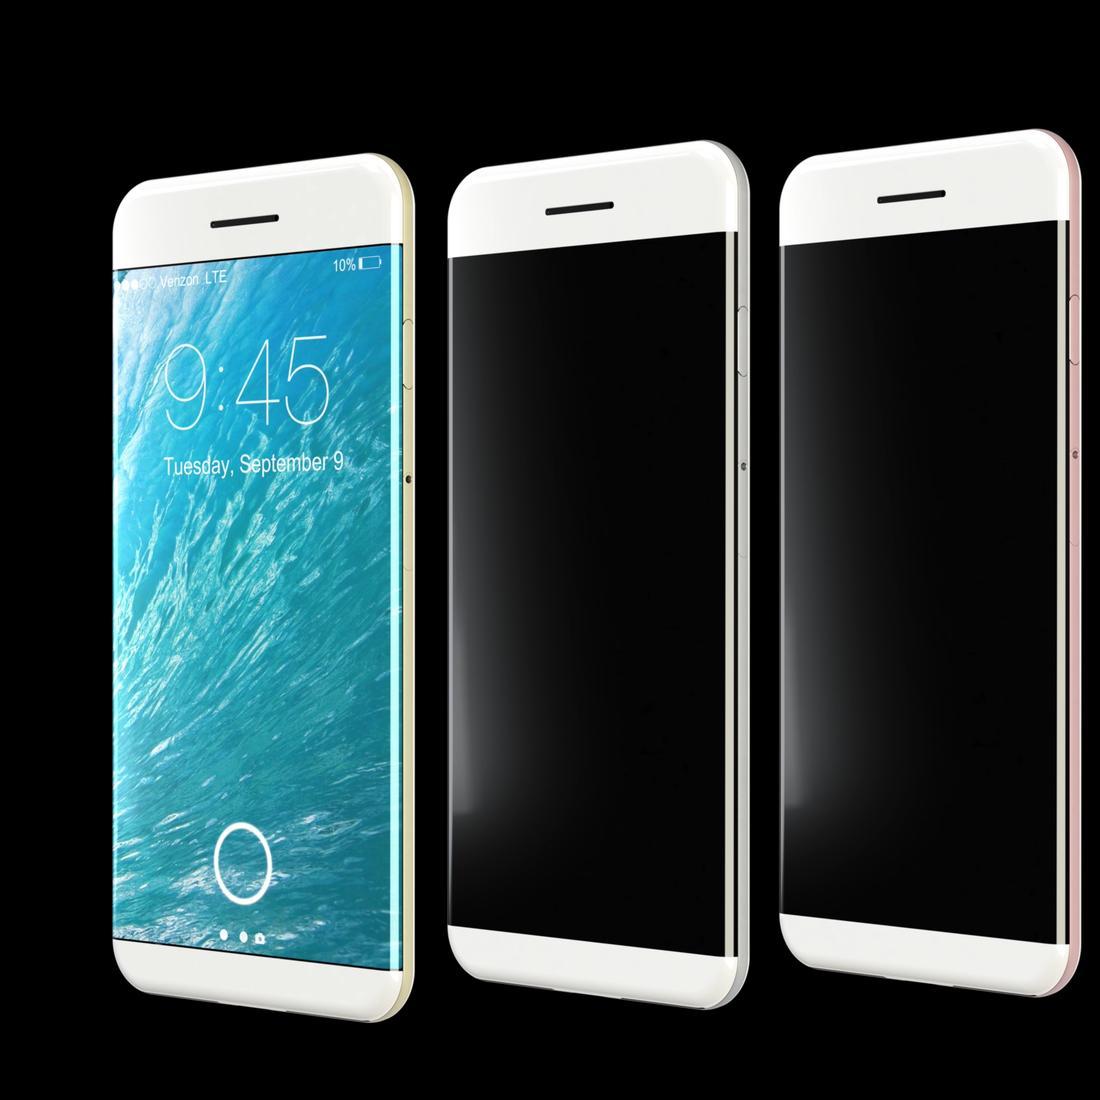 iphone 8 geh use soll aus glas und edelstahl gefertigt. Black Bedroom Furniture Sets. Home Design Ideas